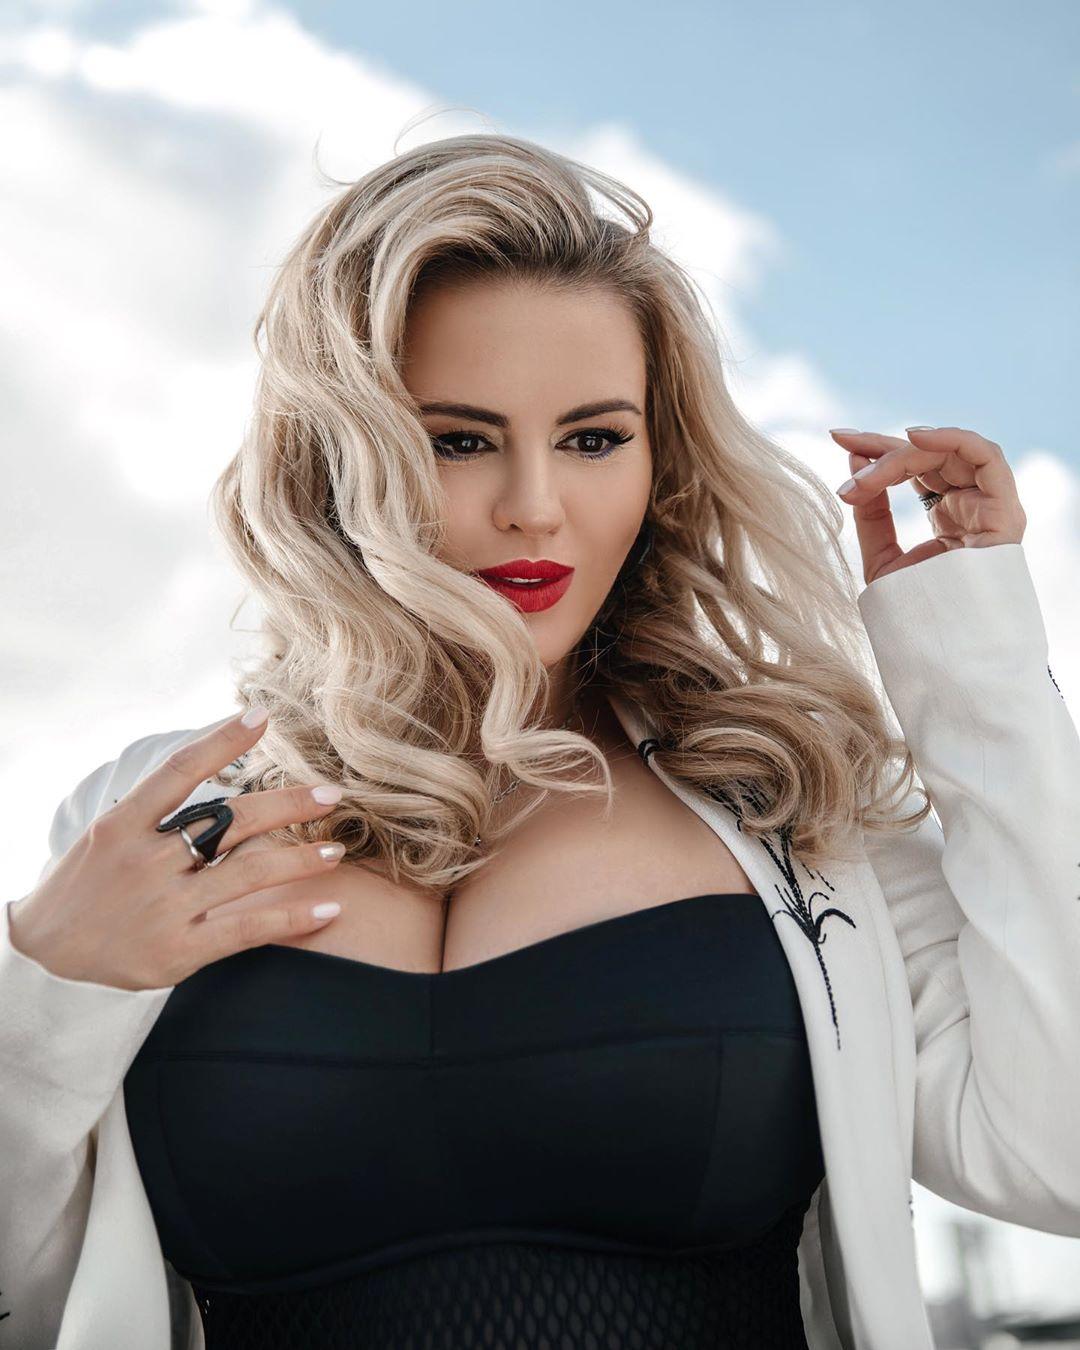 Своя ли грудь у Анны Семенович? Певица впервые откровенно рассказала о